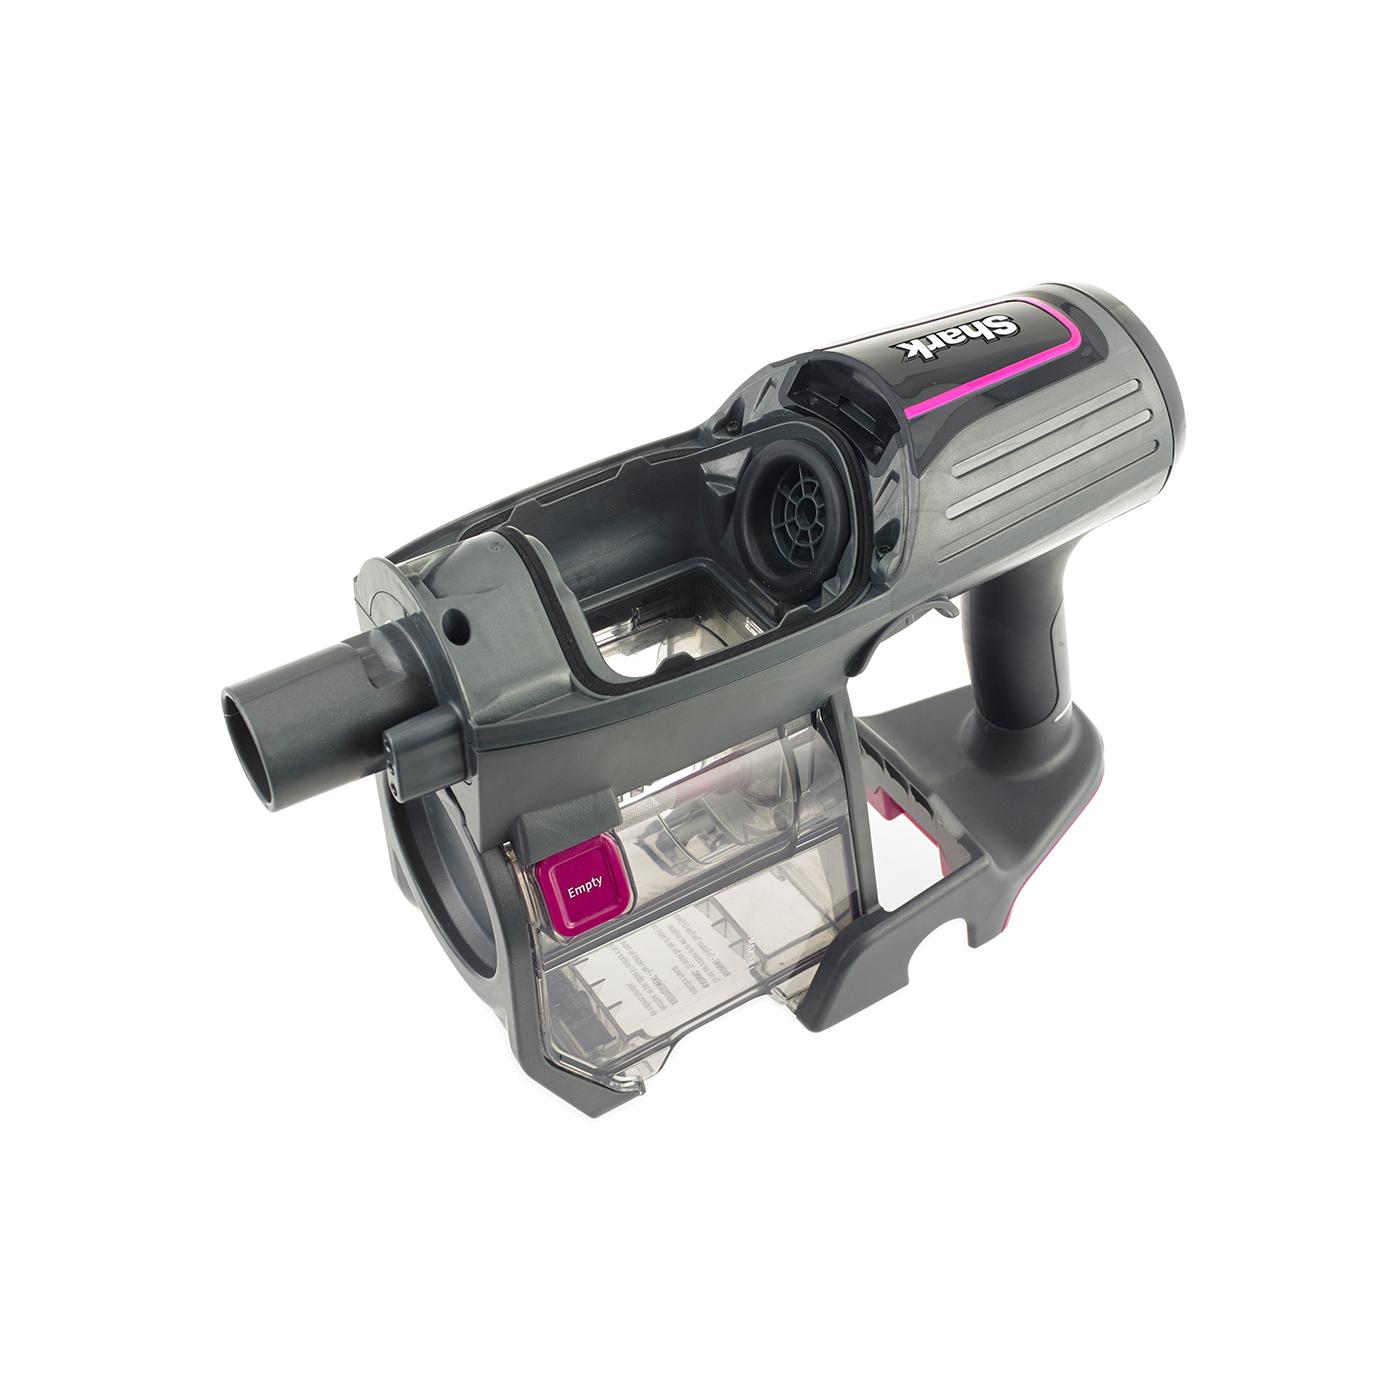 Body Handheld For If200ukt Shark Innovative Vacuum